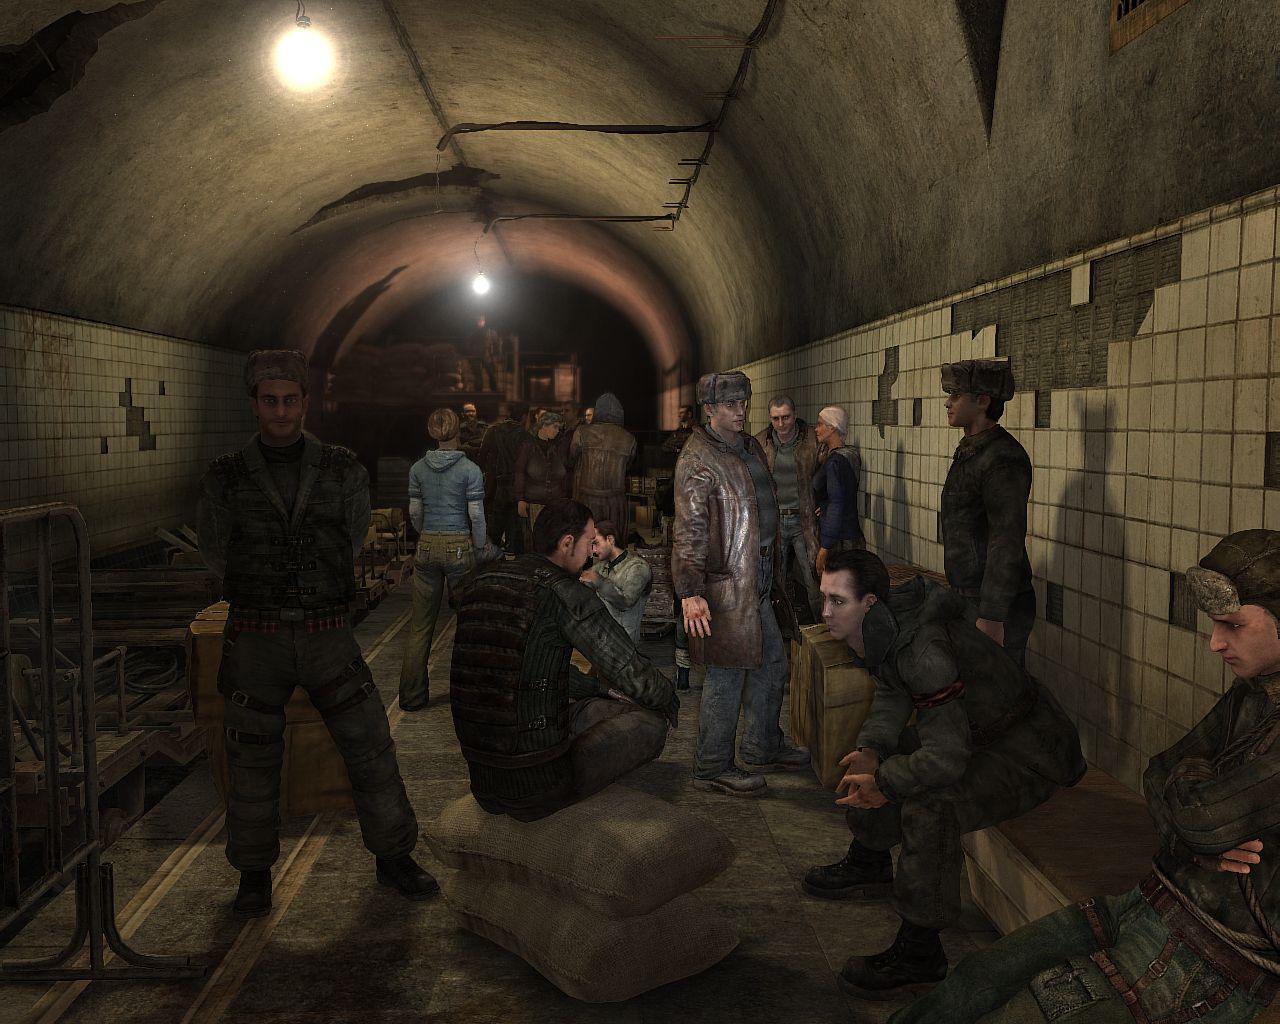 La population variée est une clef du graphisme de Metro 2033